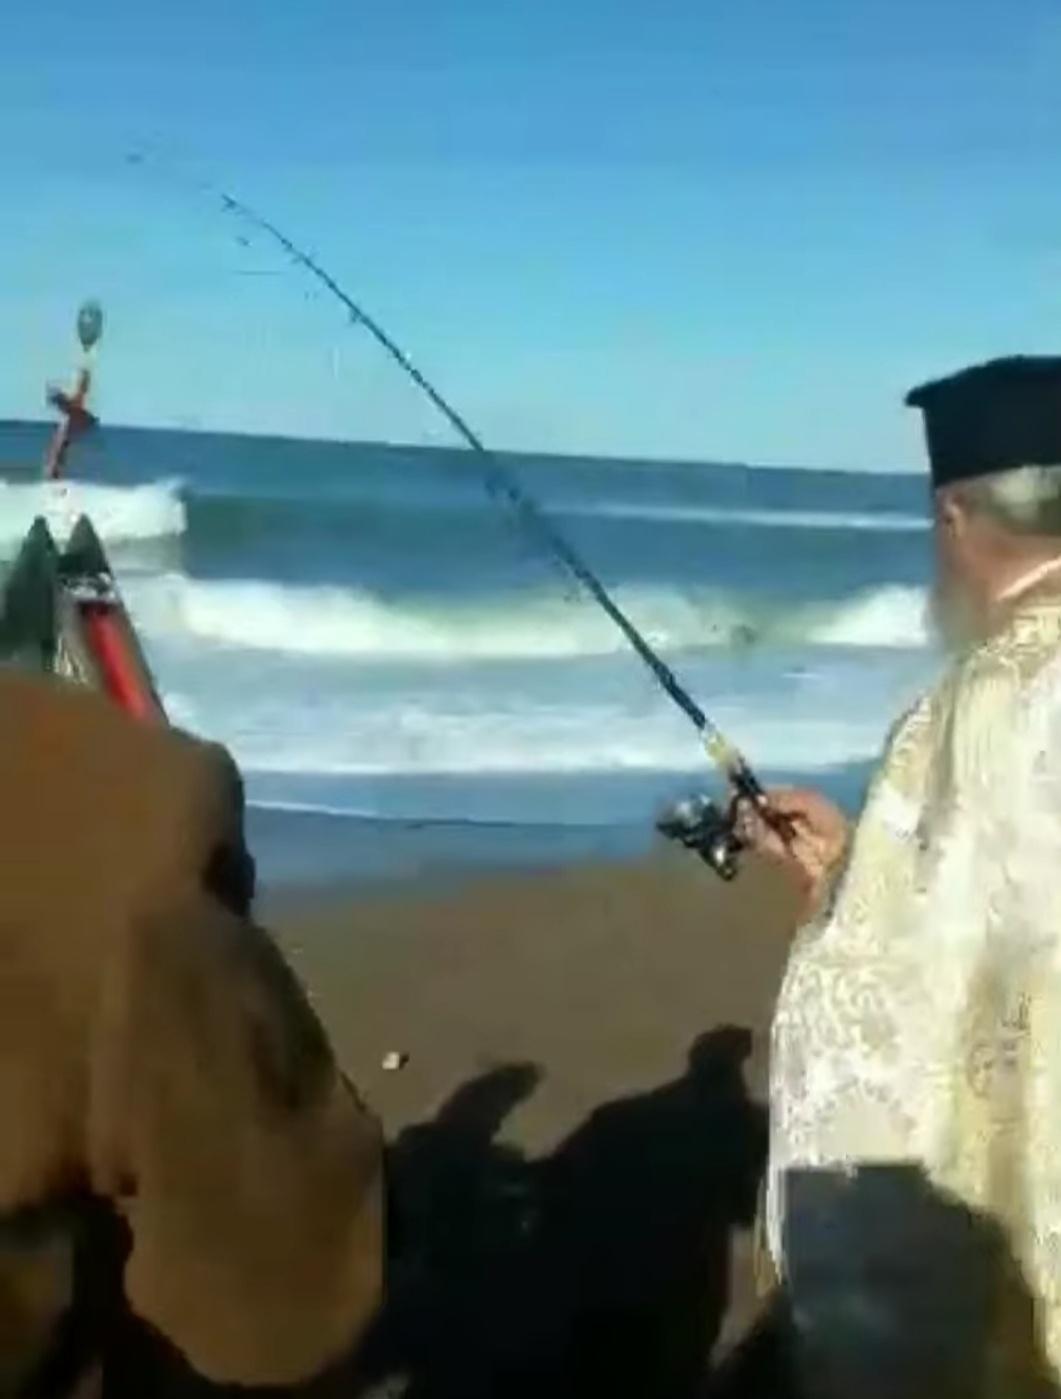 Μεσσηνία: πέταξαν το σταυρό στη θάλασσα με καλάμι ψαρέματος